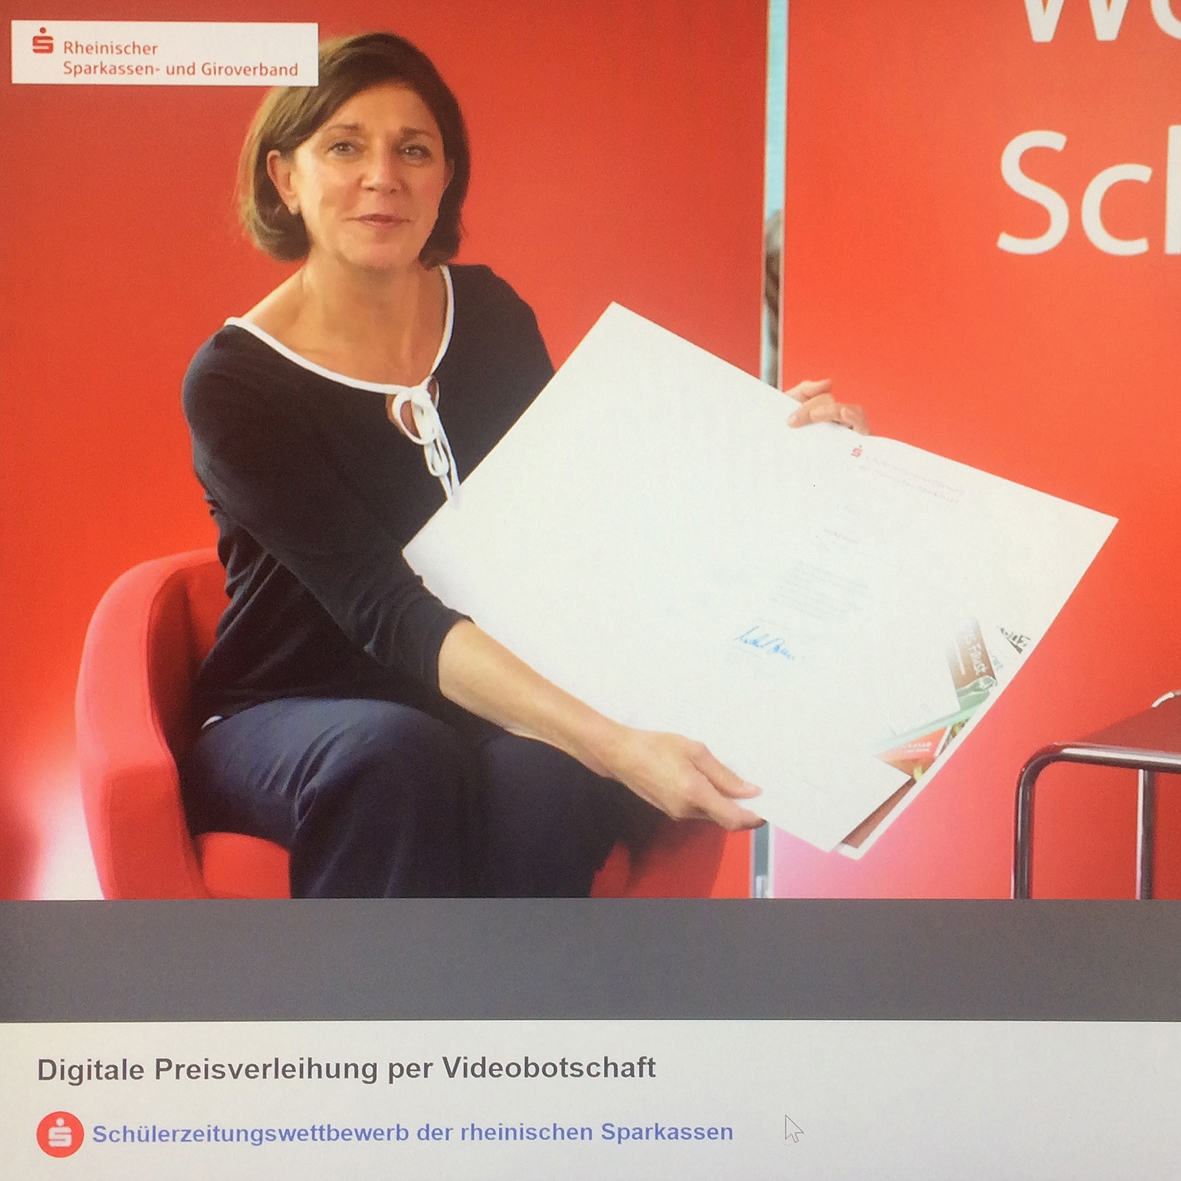 NRW Schulministerin Yvonne Gebauer verlieh jetzt per  Videobotschaft den 3. Preis an die DP-Redaktion in Kevelaer gemeinsam mit